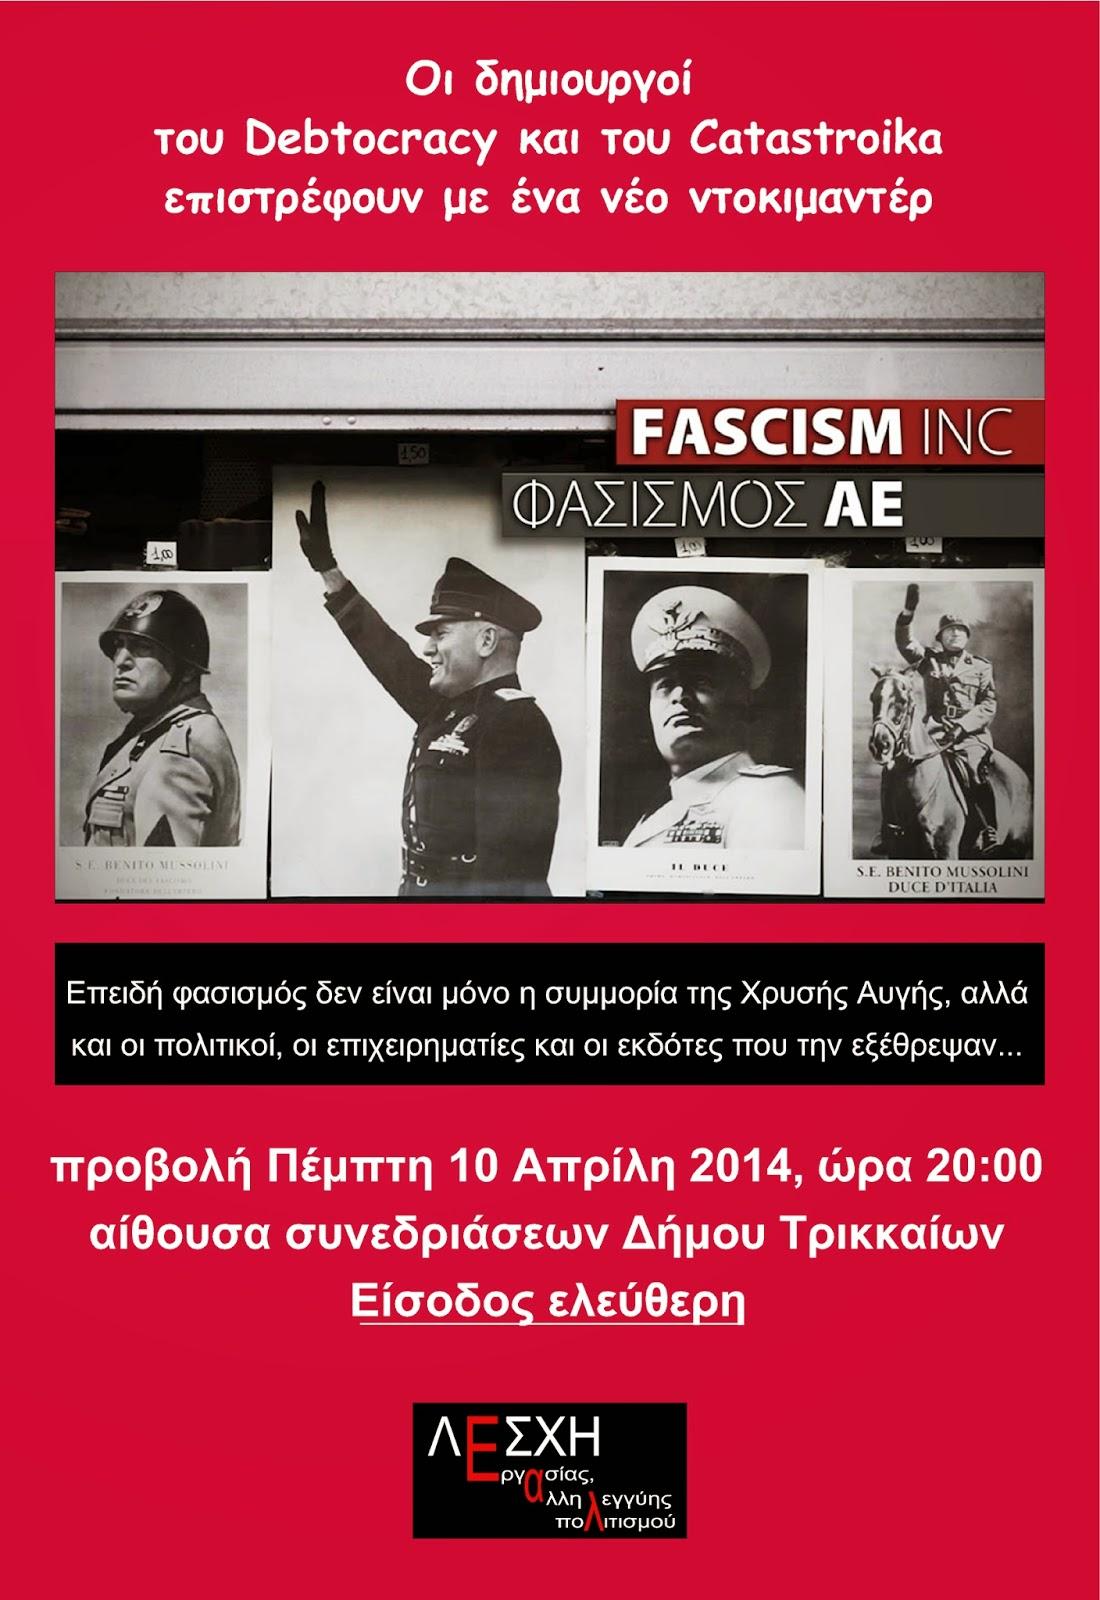 fasismos